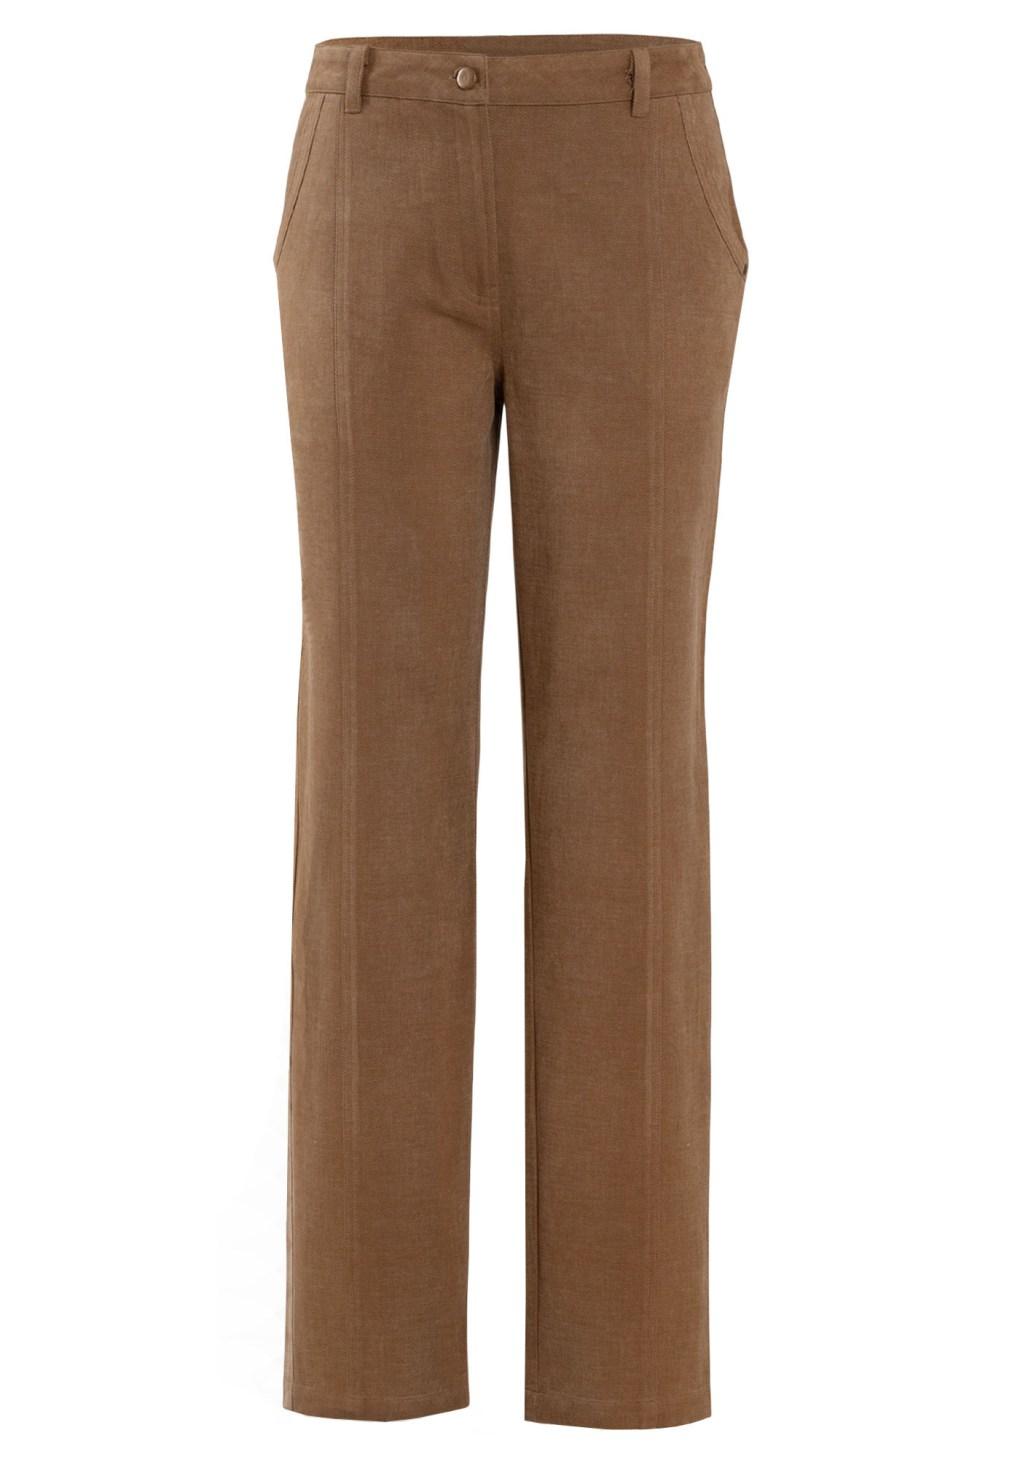 MINC ecofashion Cargo Style Brushed Cotton Twill Trousers in Khaki